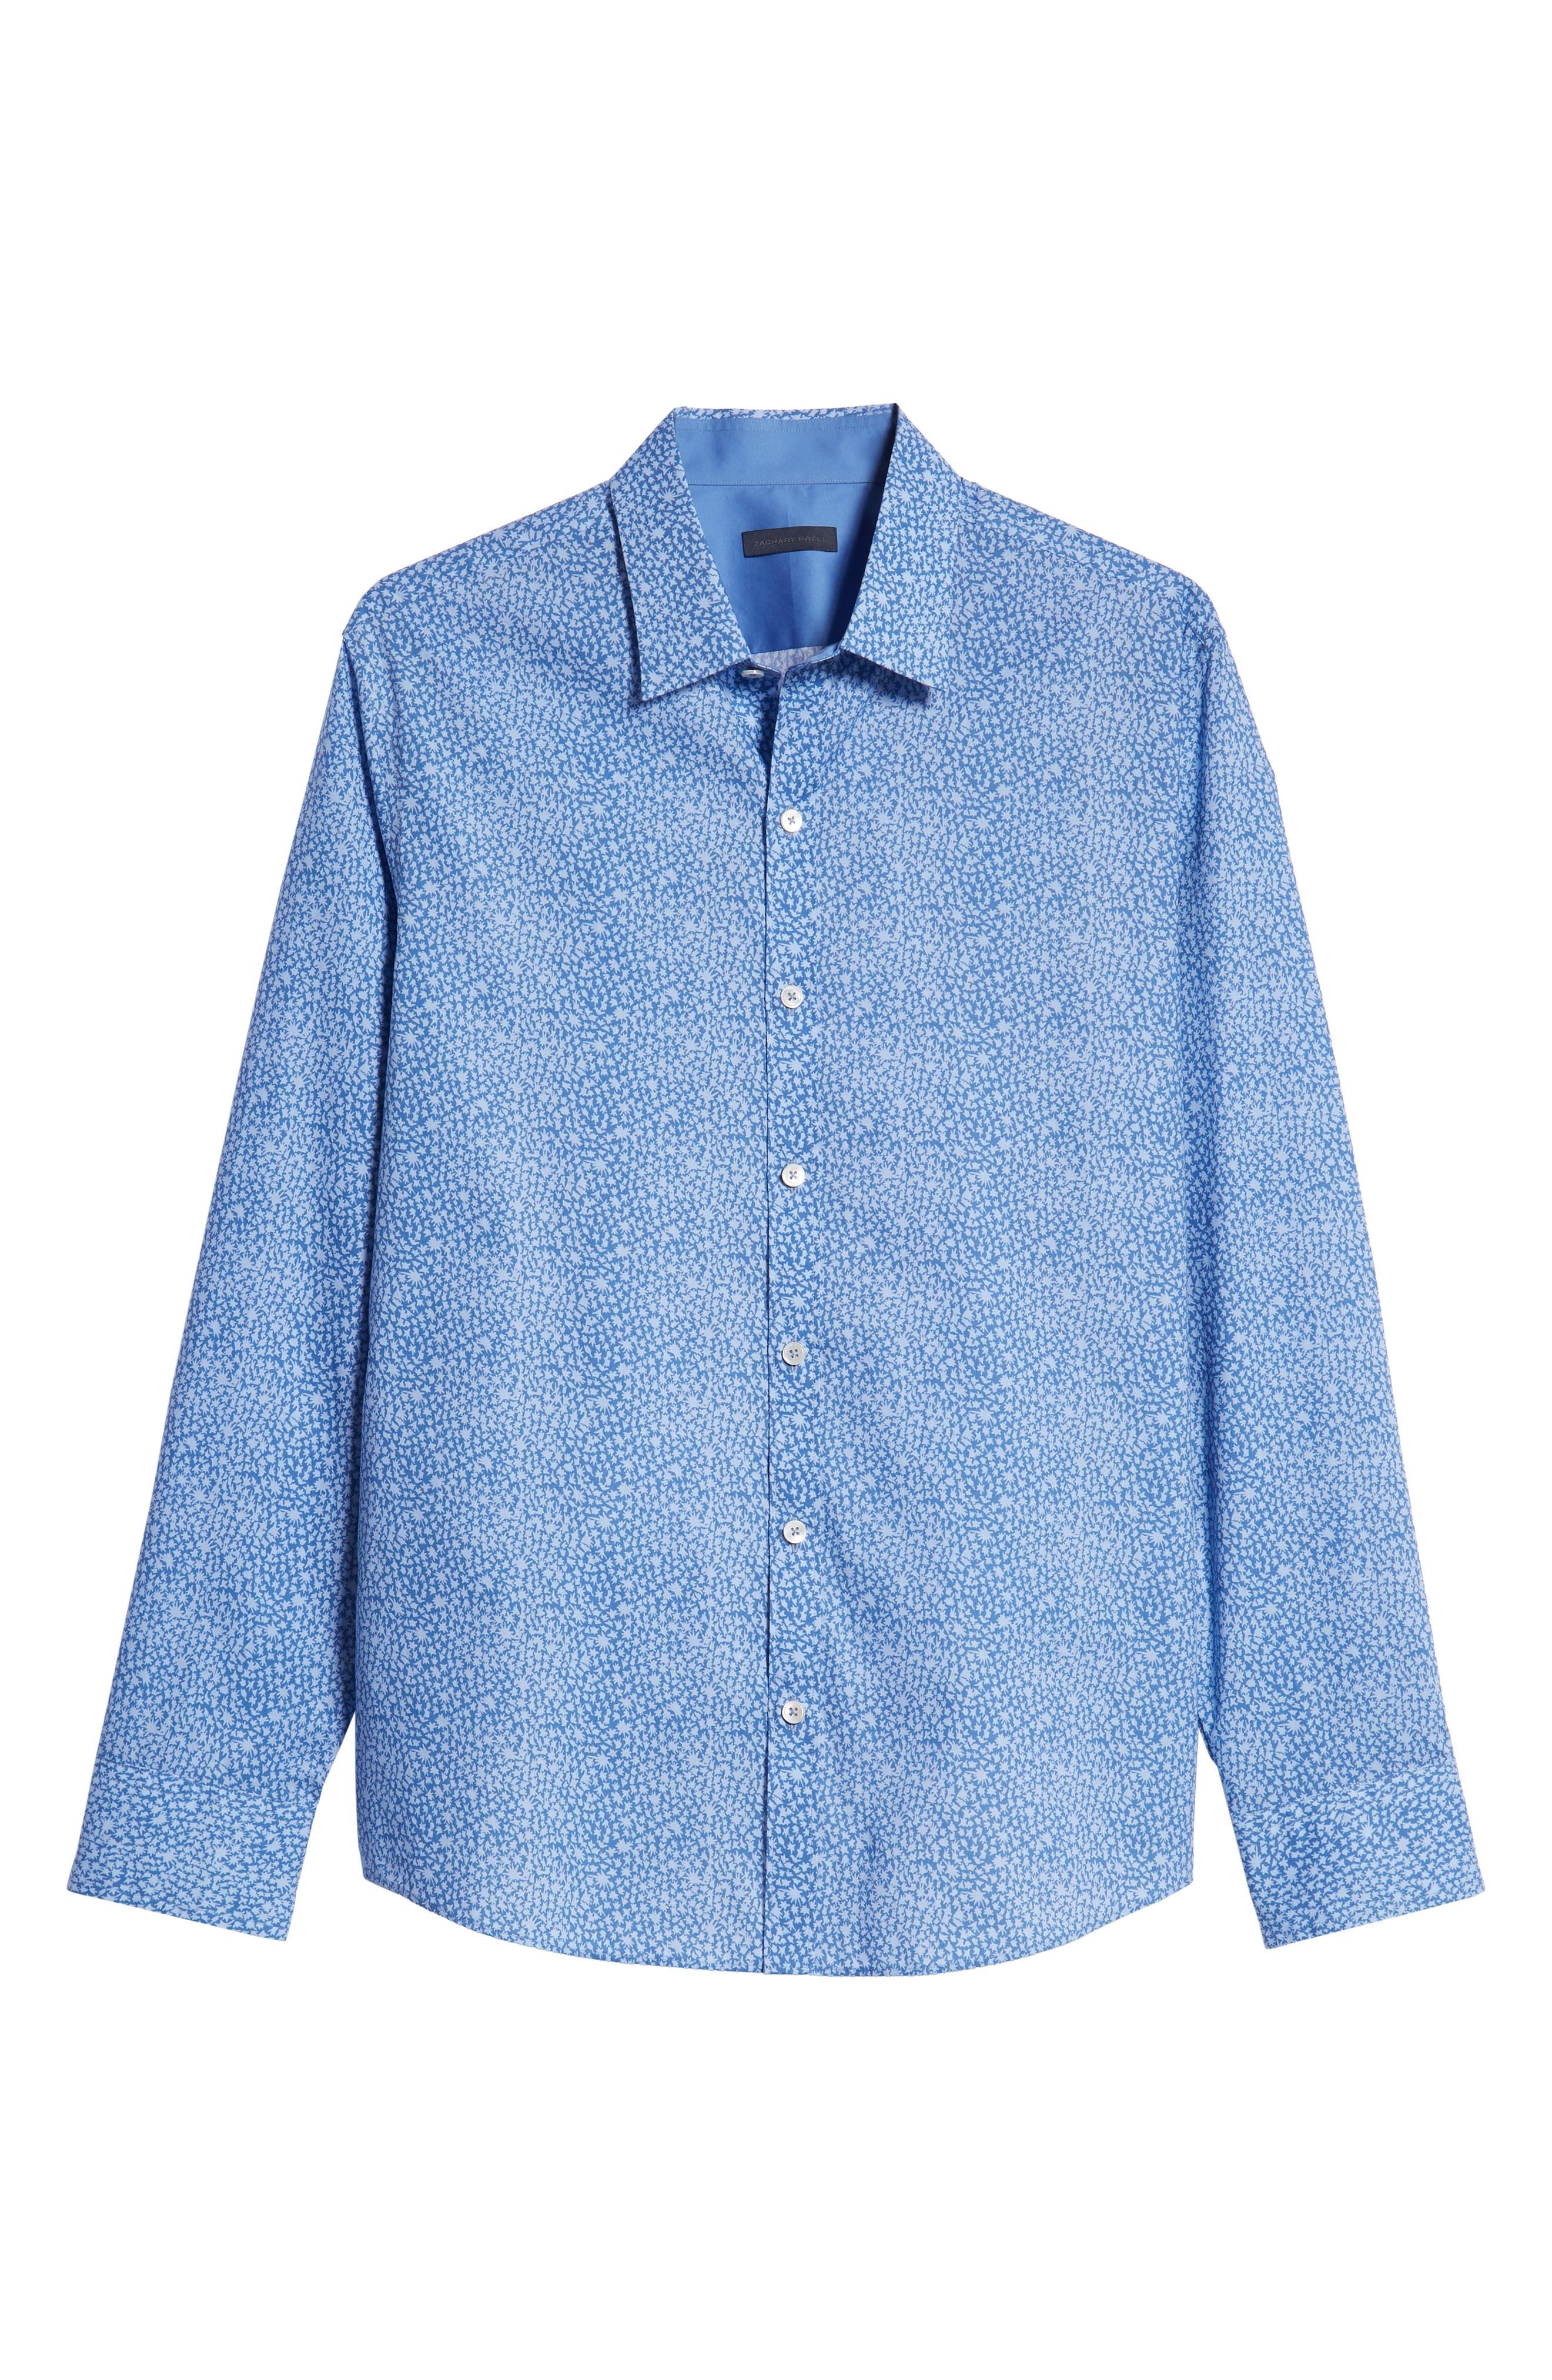 ZACHARY PRELL,                             Elliot Regular Fit Sport Shirt,                             Alternate thumbnail 5, color,                             OCEAN